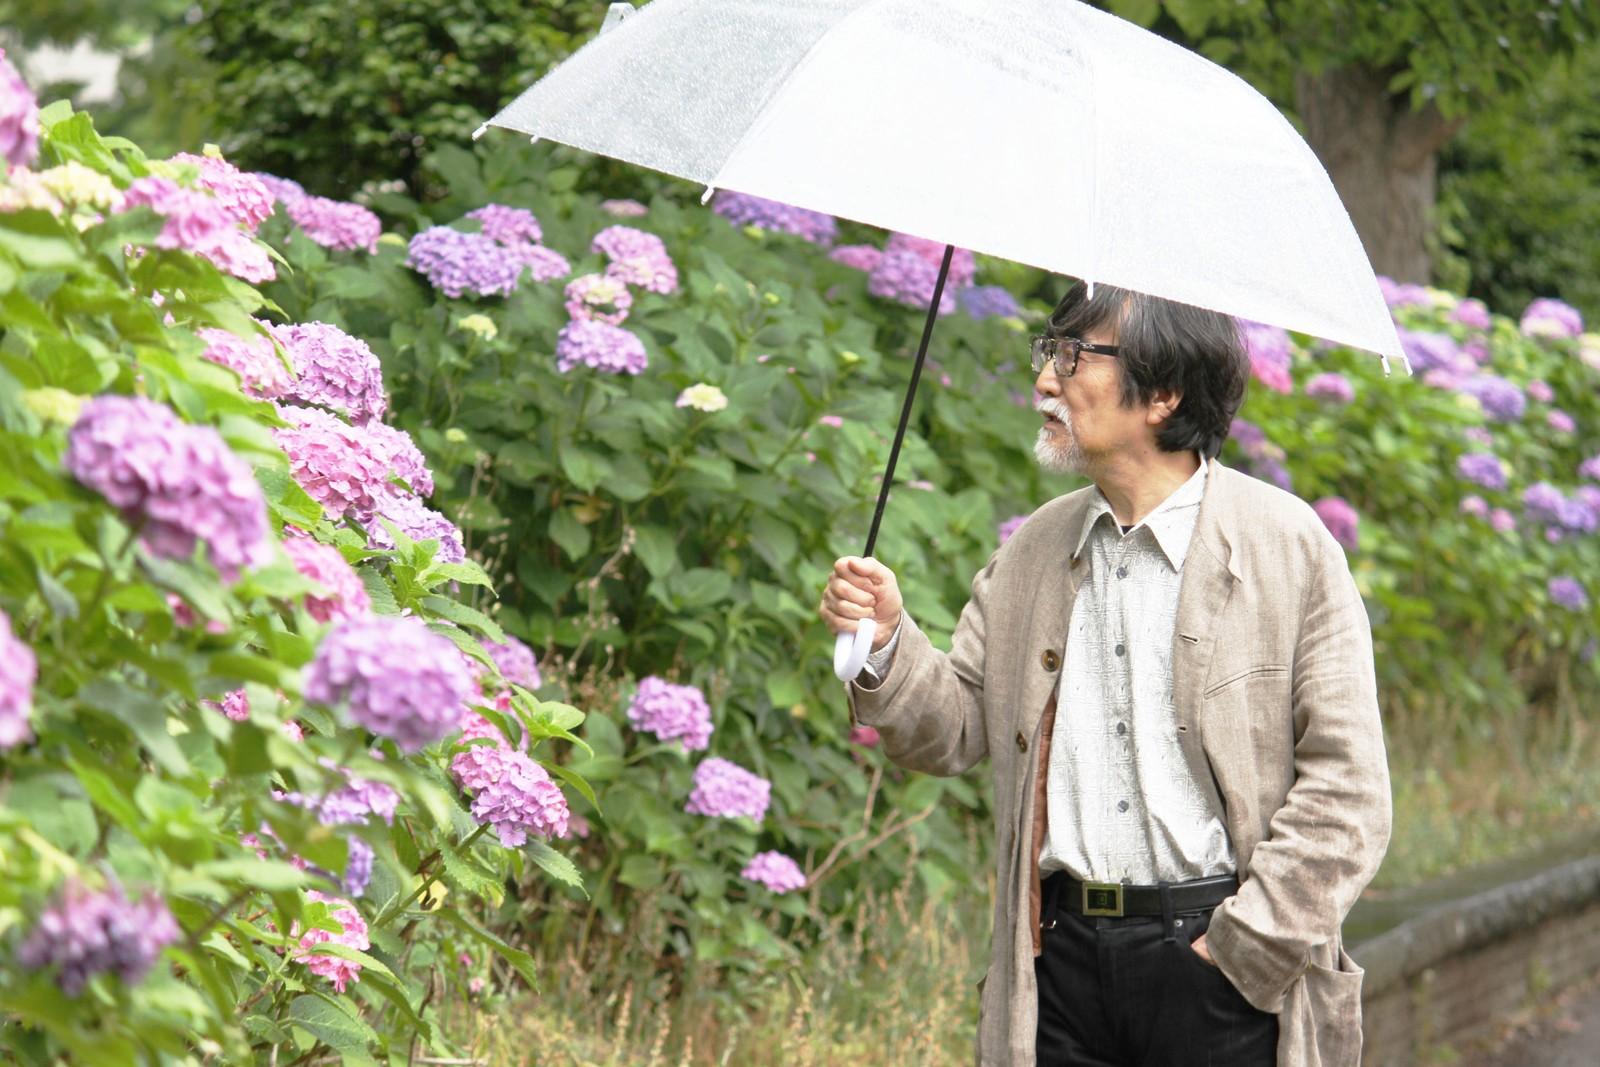 紫陽花を見つめるおじいちゃん,シニア,写真,画像,素材,老人,高齢者,フリー